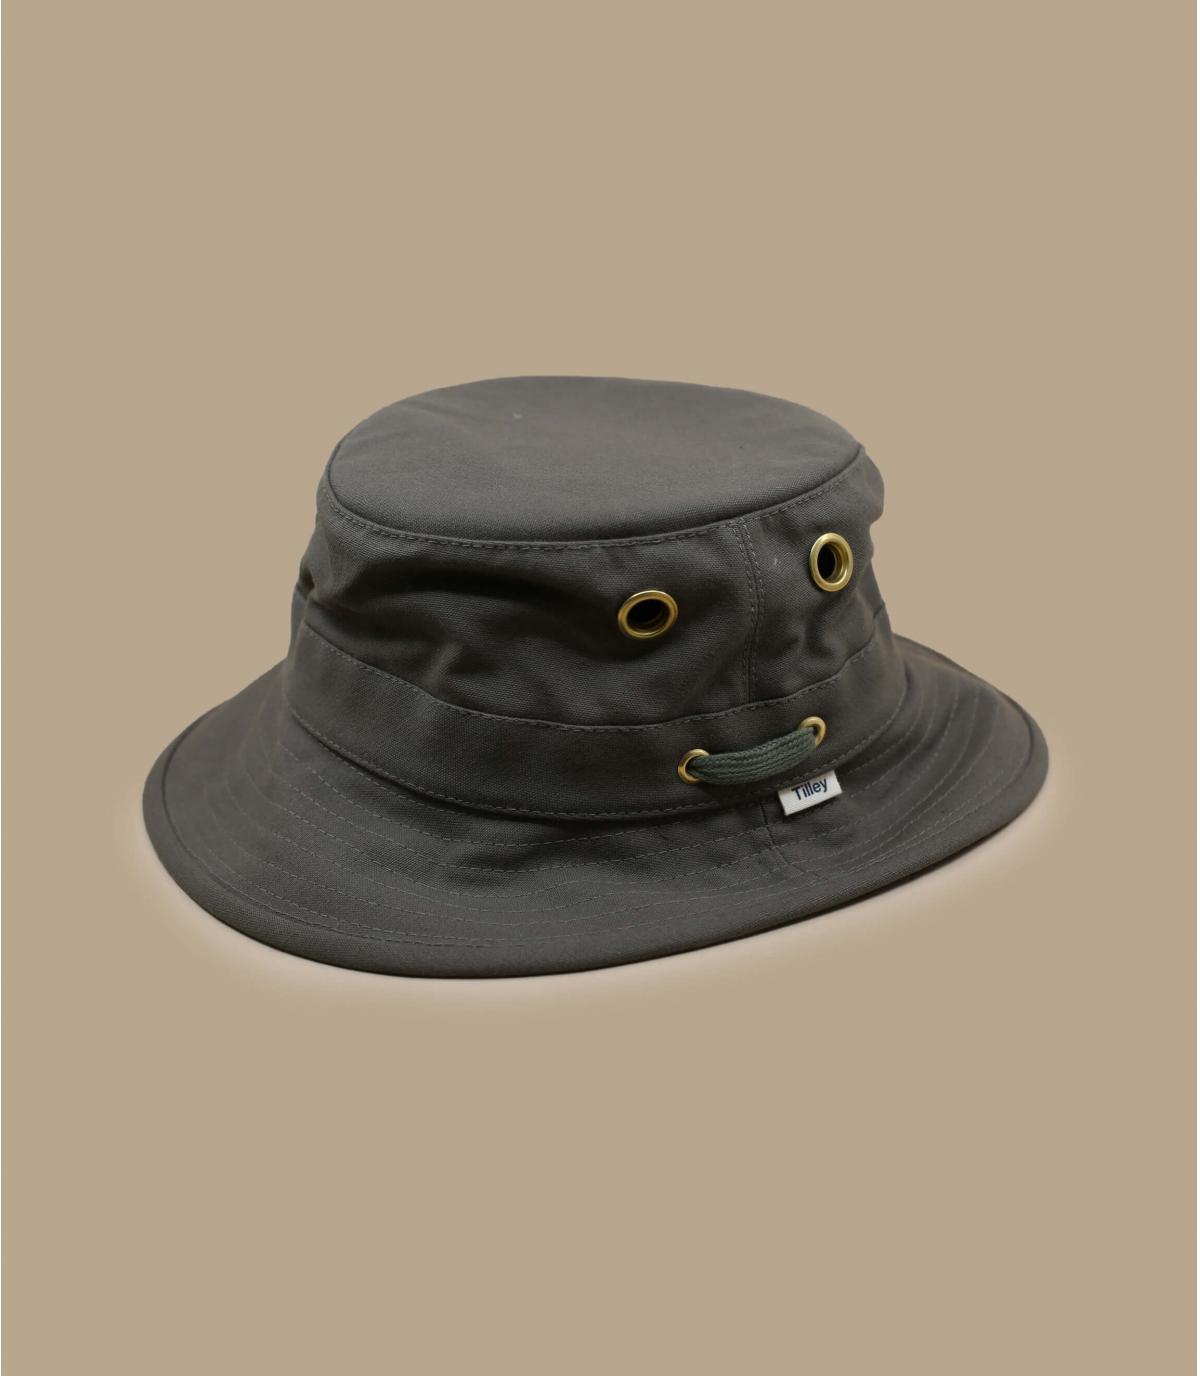 Green TilleyT1 bucket hat